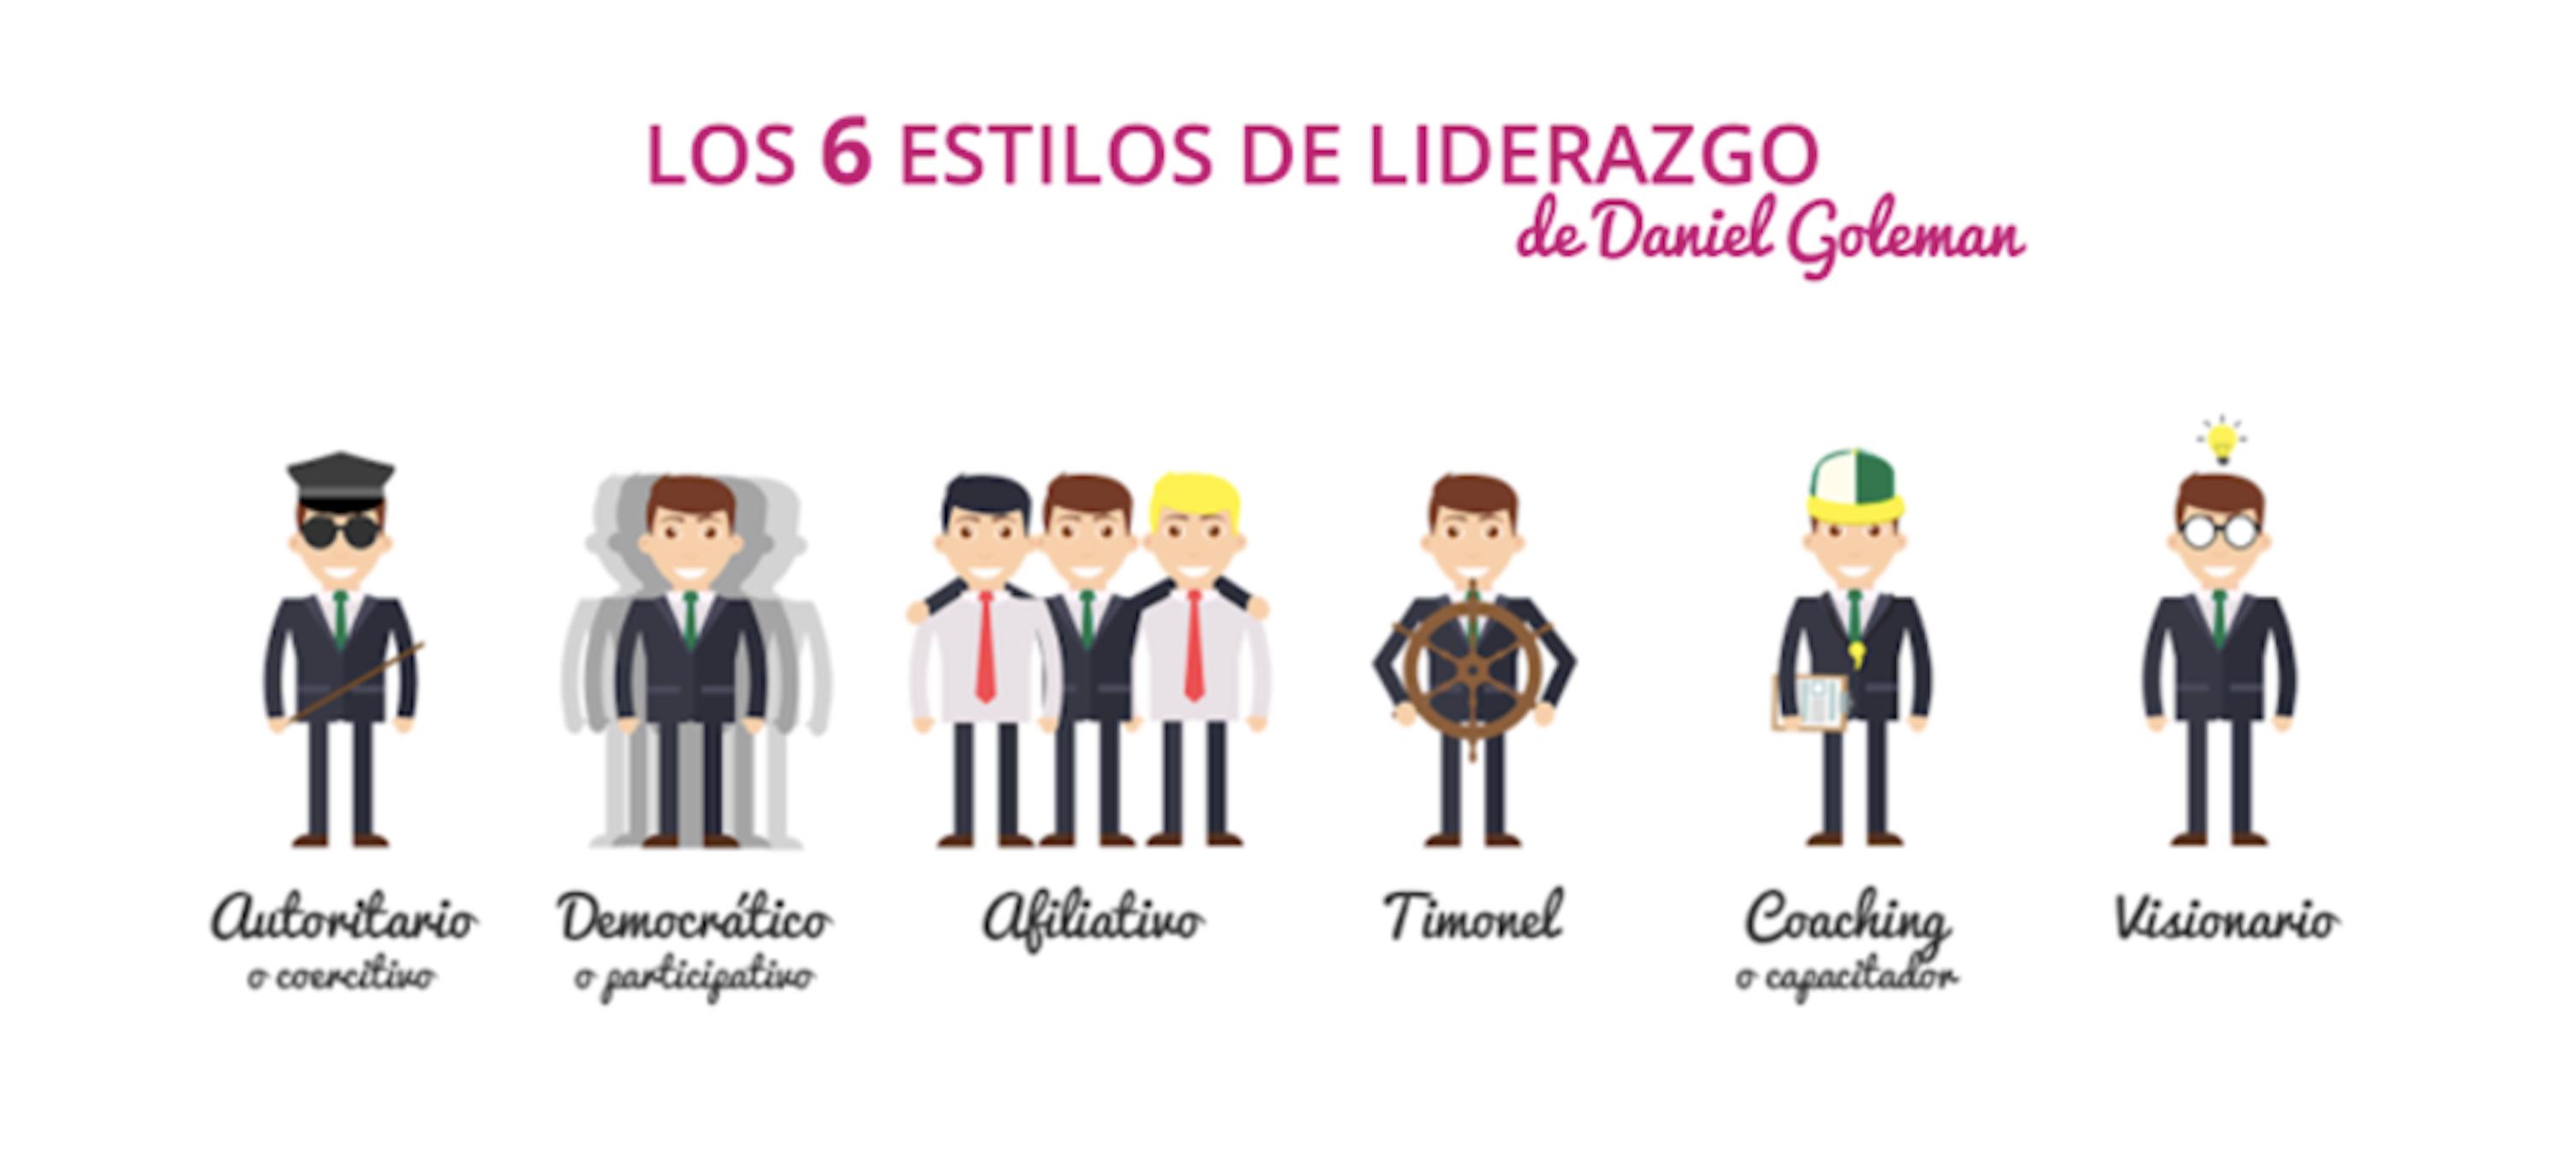 ESTILOS DE LIDERAZGO, versión de Daniel Goleman